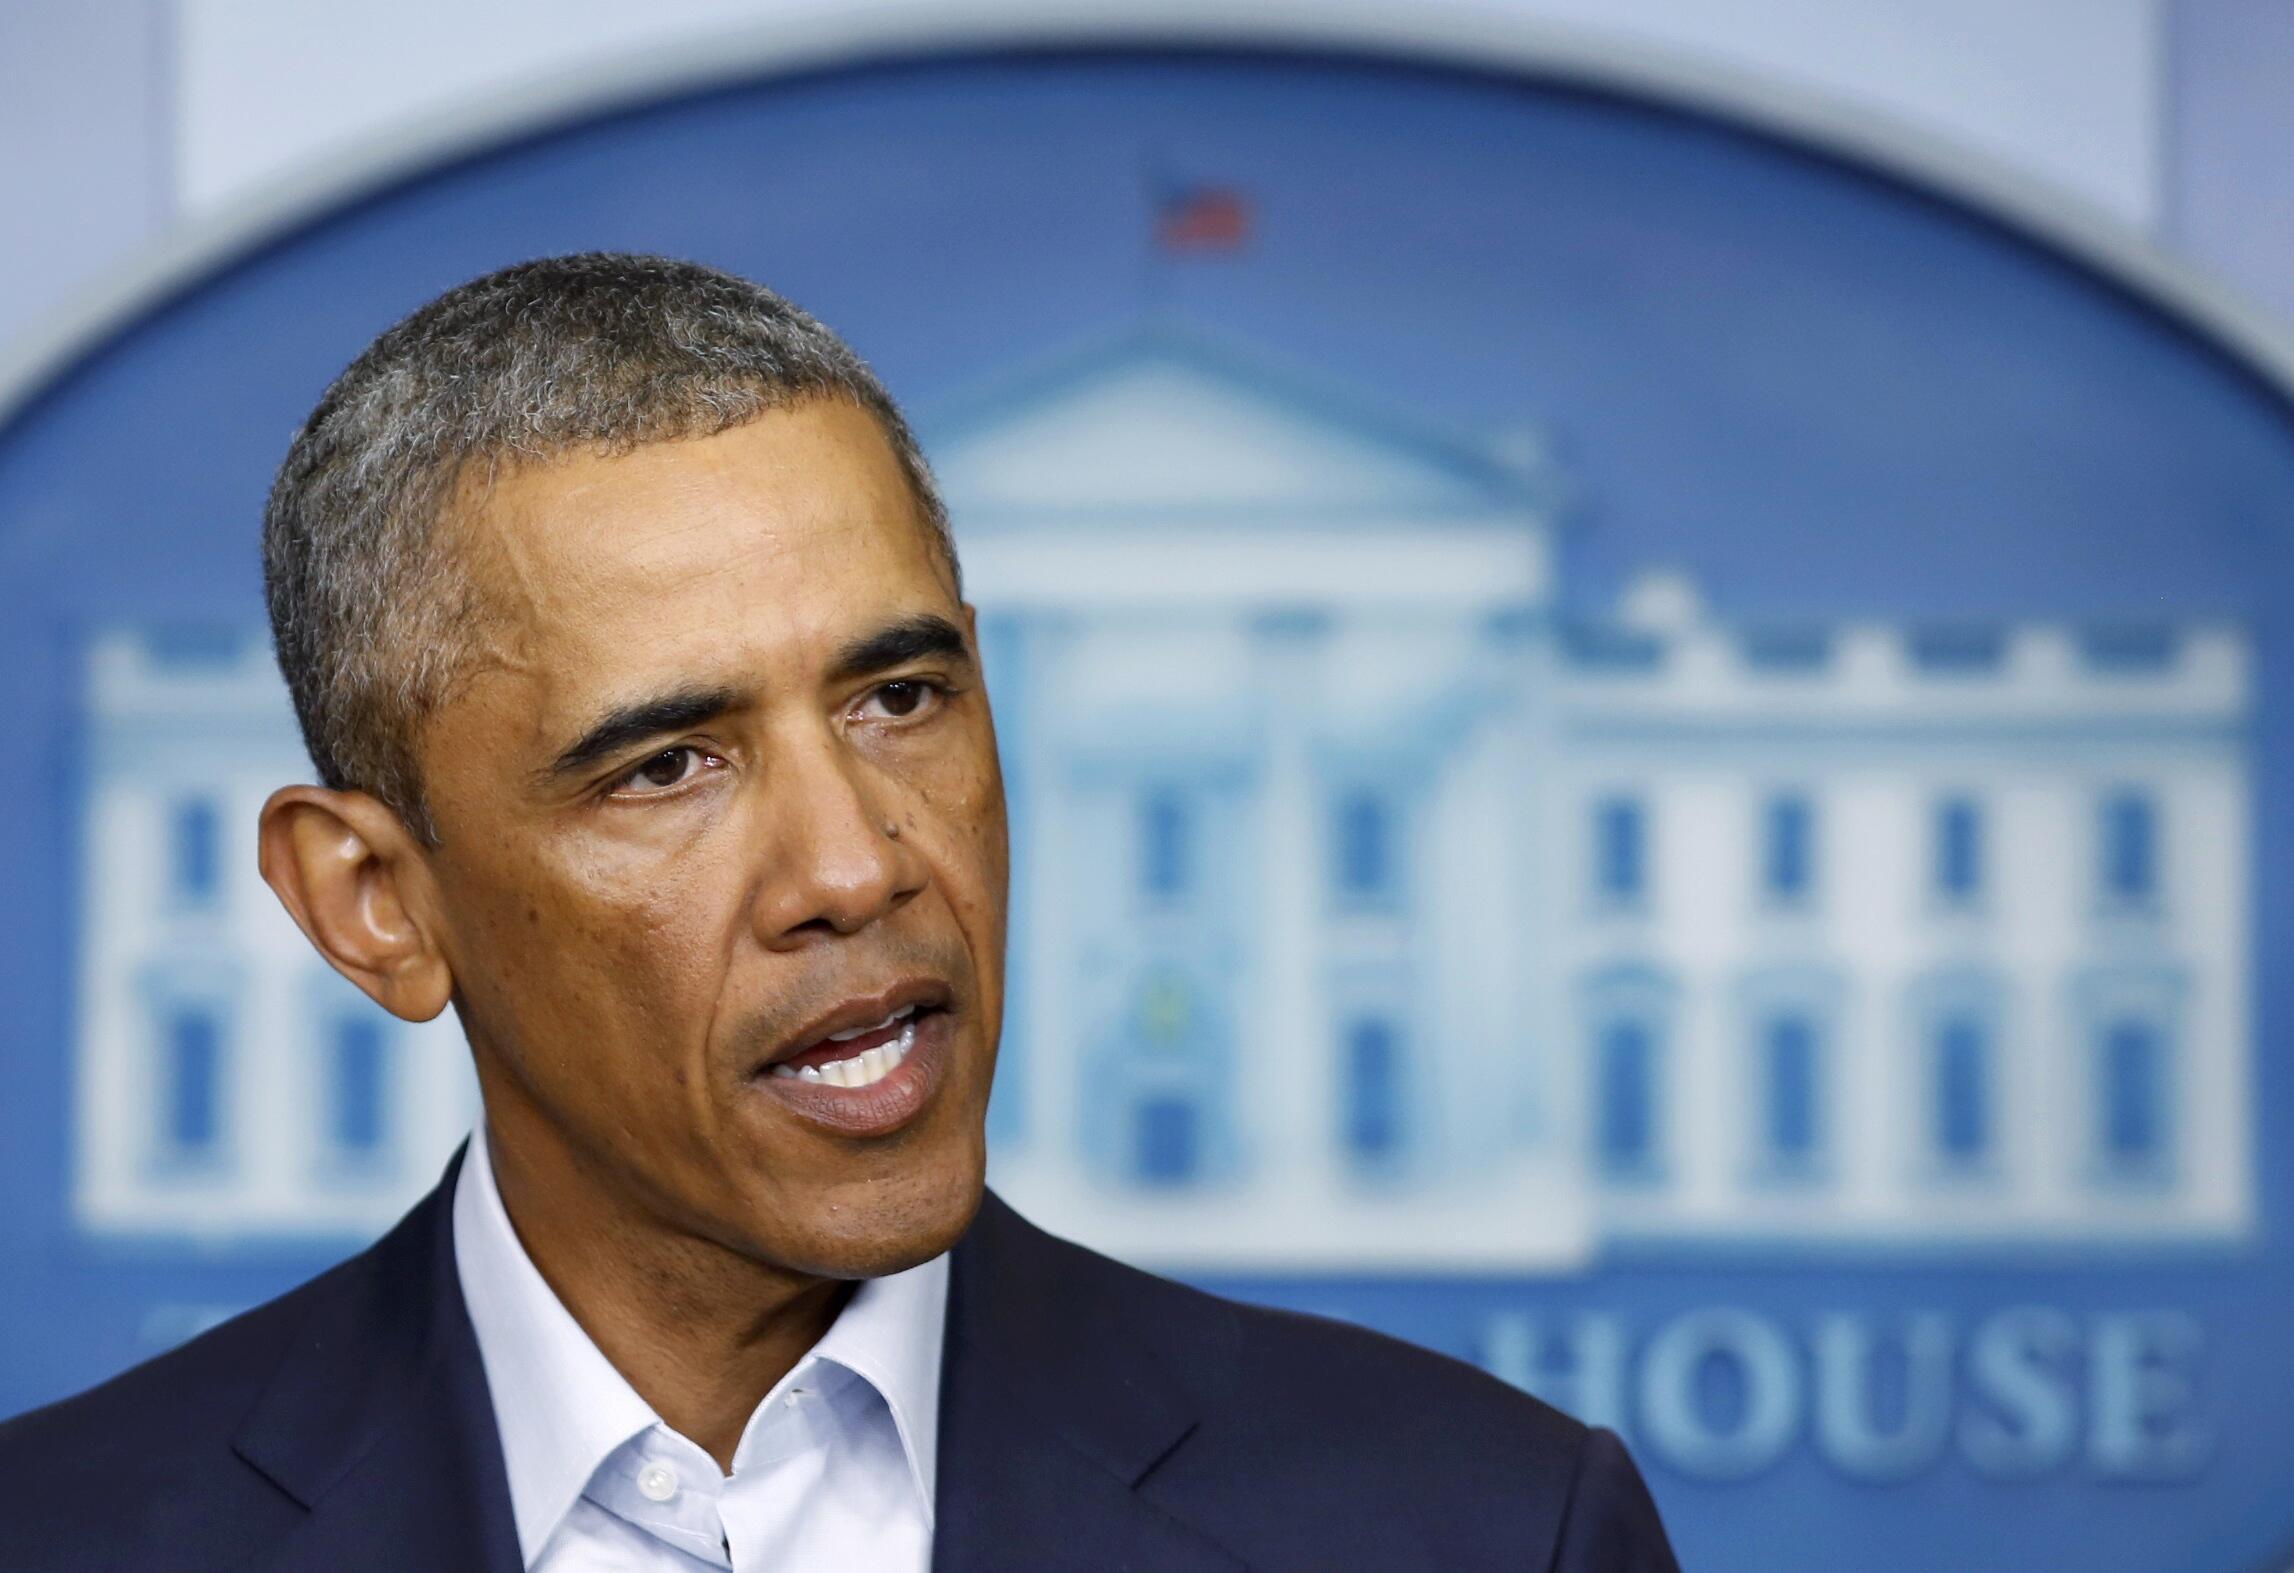 O presidente Barack Obama conversa com jornalistas na Casa Branca, nesta segunda-feira